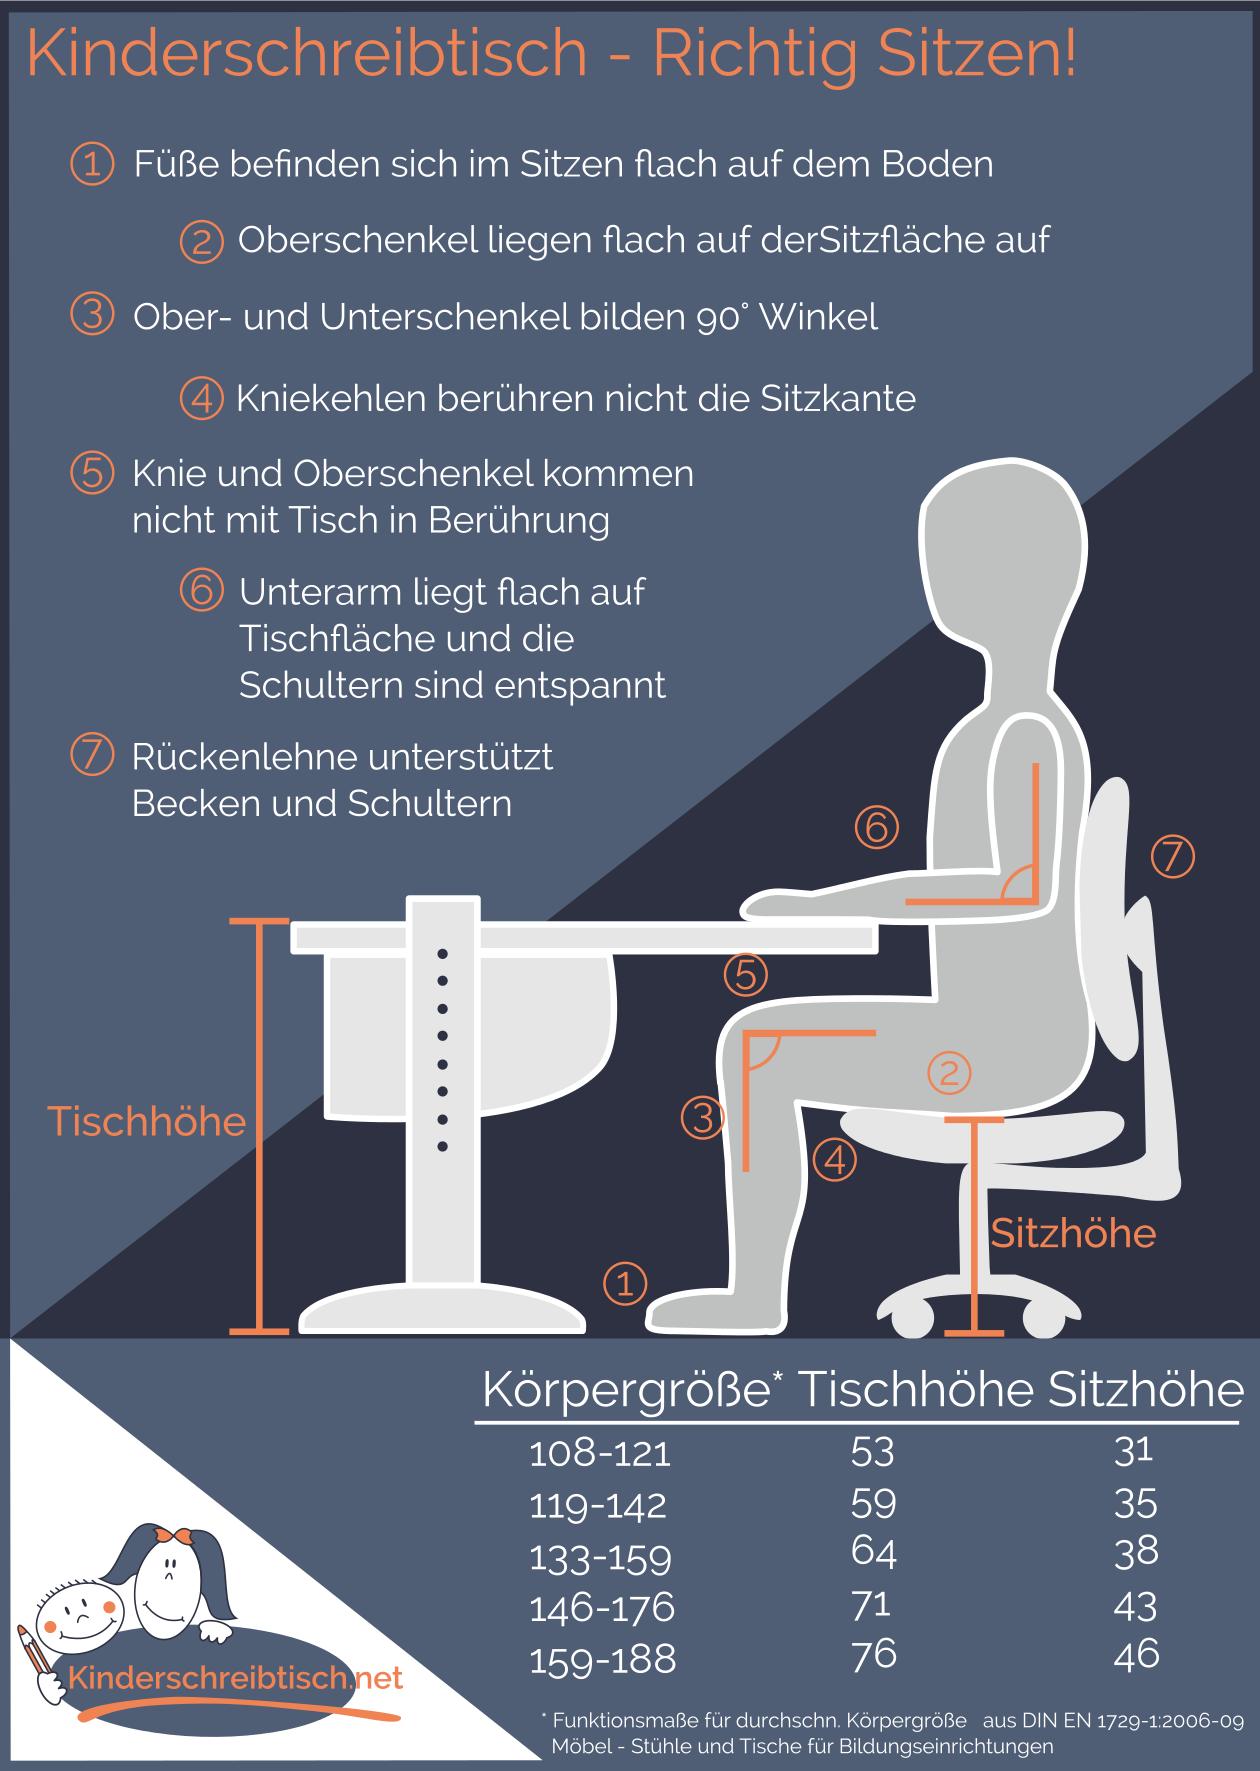 Checkliste Kinderschreibtisch - Richtig Sitzen | DIY und ...